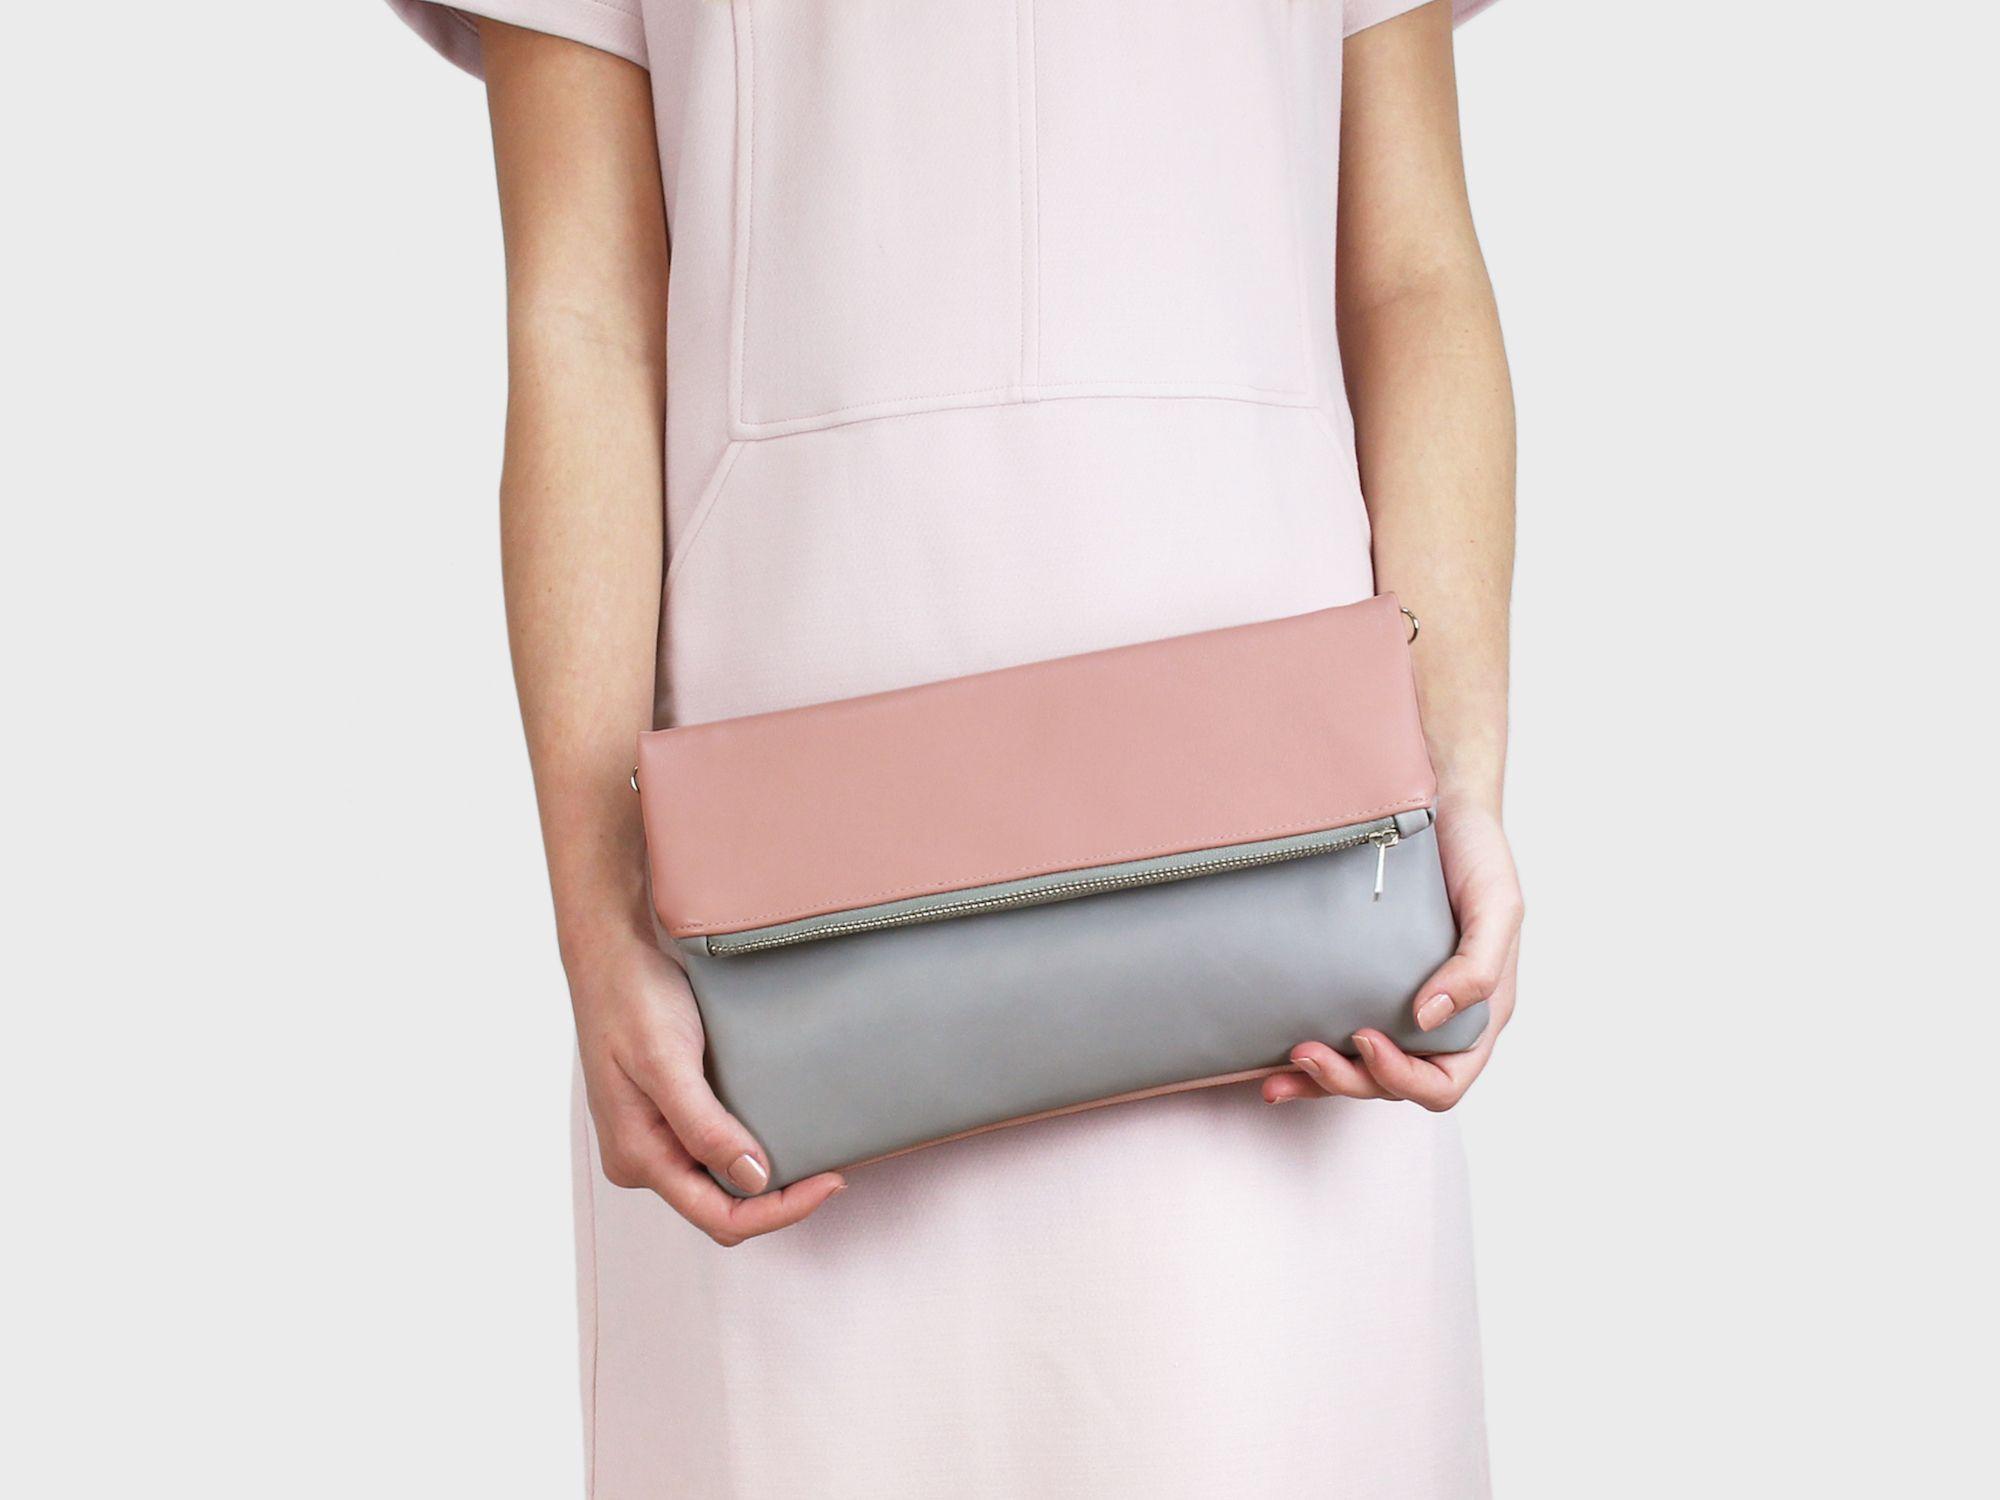 Foldover-Tasche Finja – Grau | Rosa | Foldover Finja | Umhängetaschen | TASCHEN | lille mus